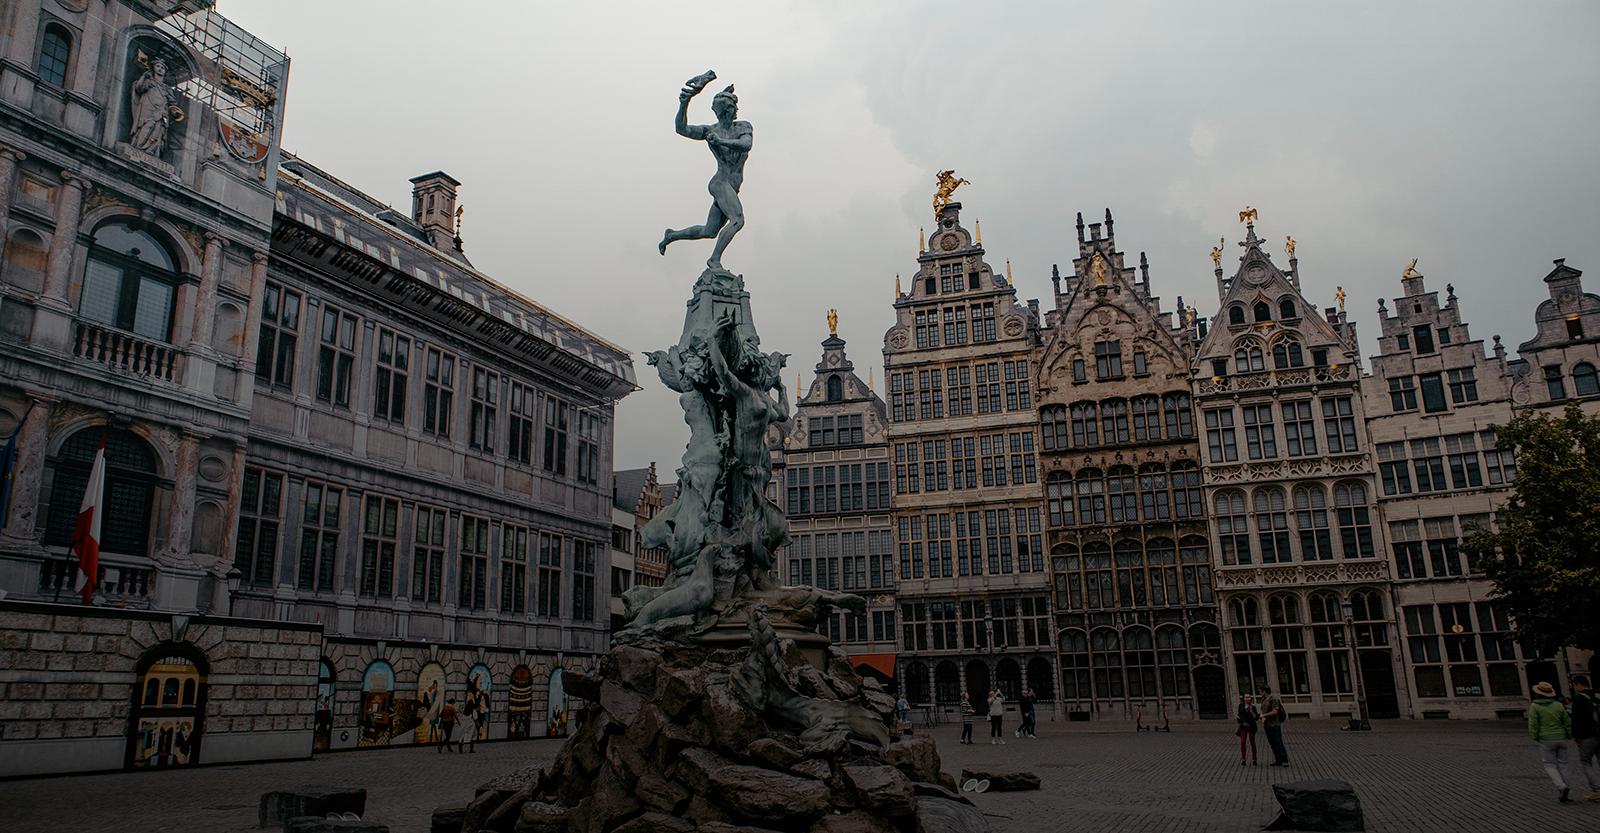 Via Antwerp